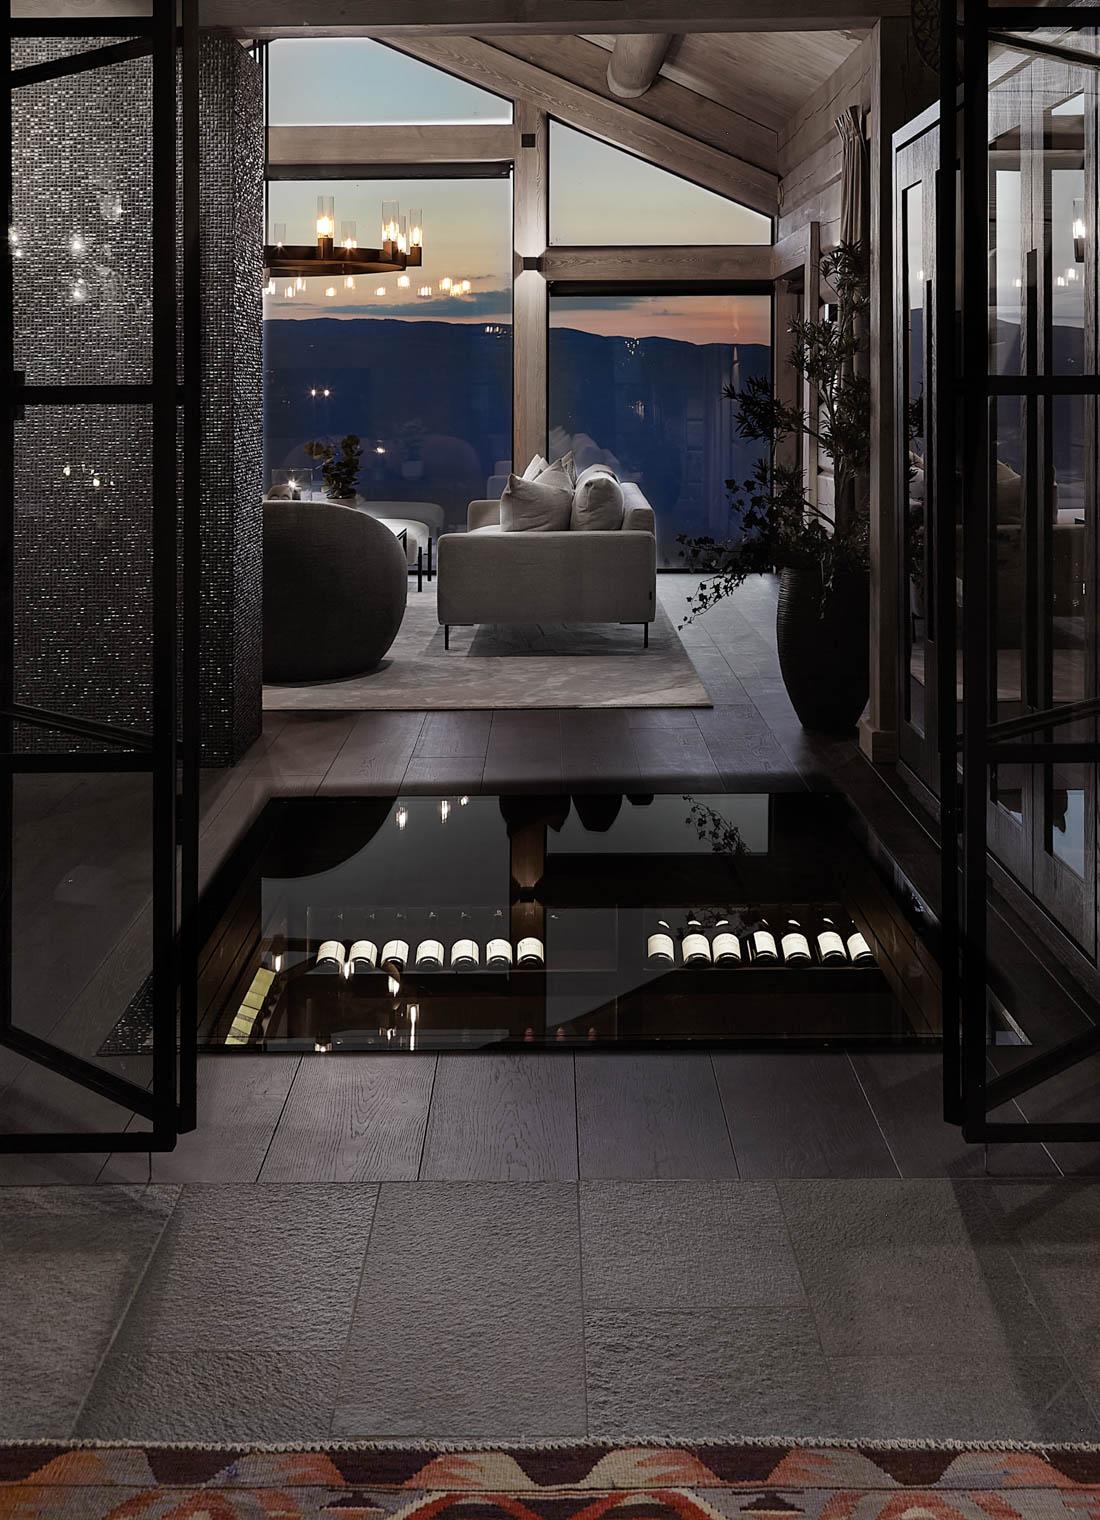 Hytte med fliser av Offerdalskifer i entreen og en stor glassplate i gulvet som gir innsyn til vinkjeller.